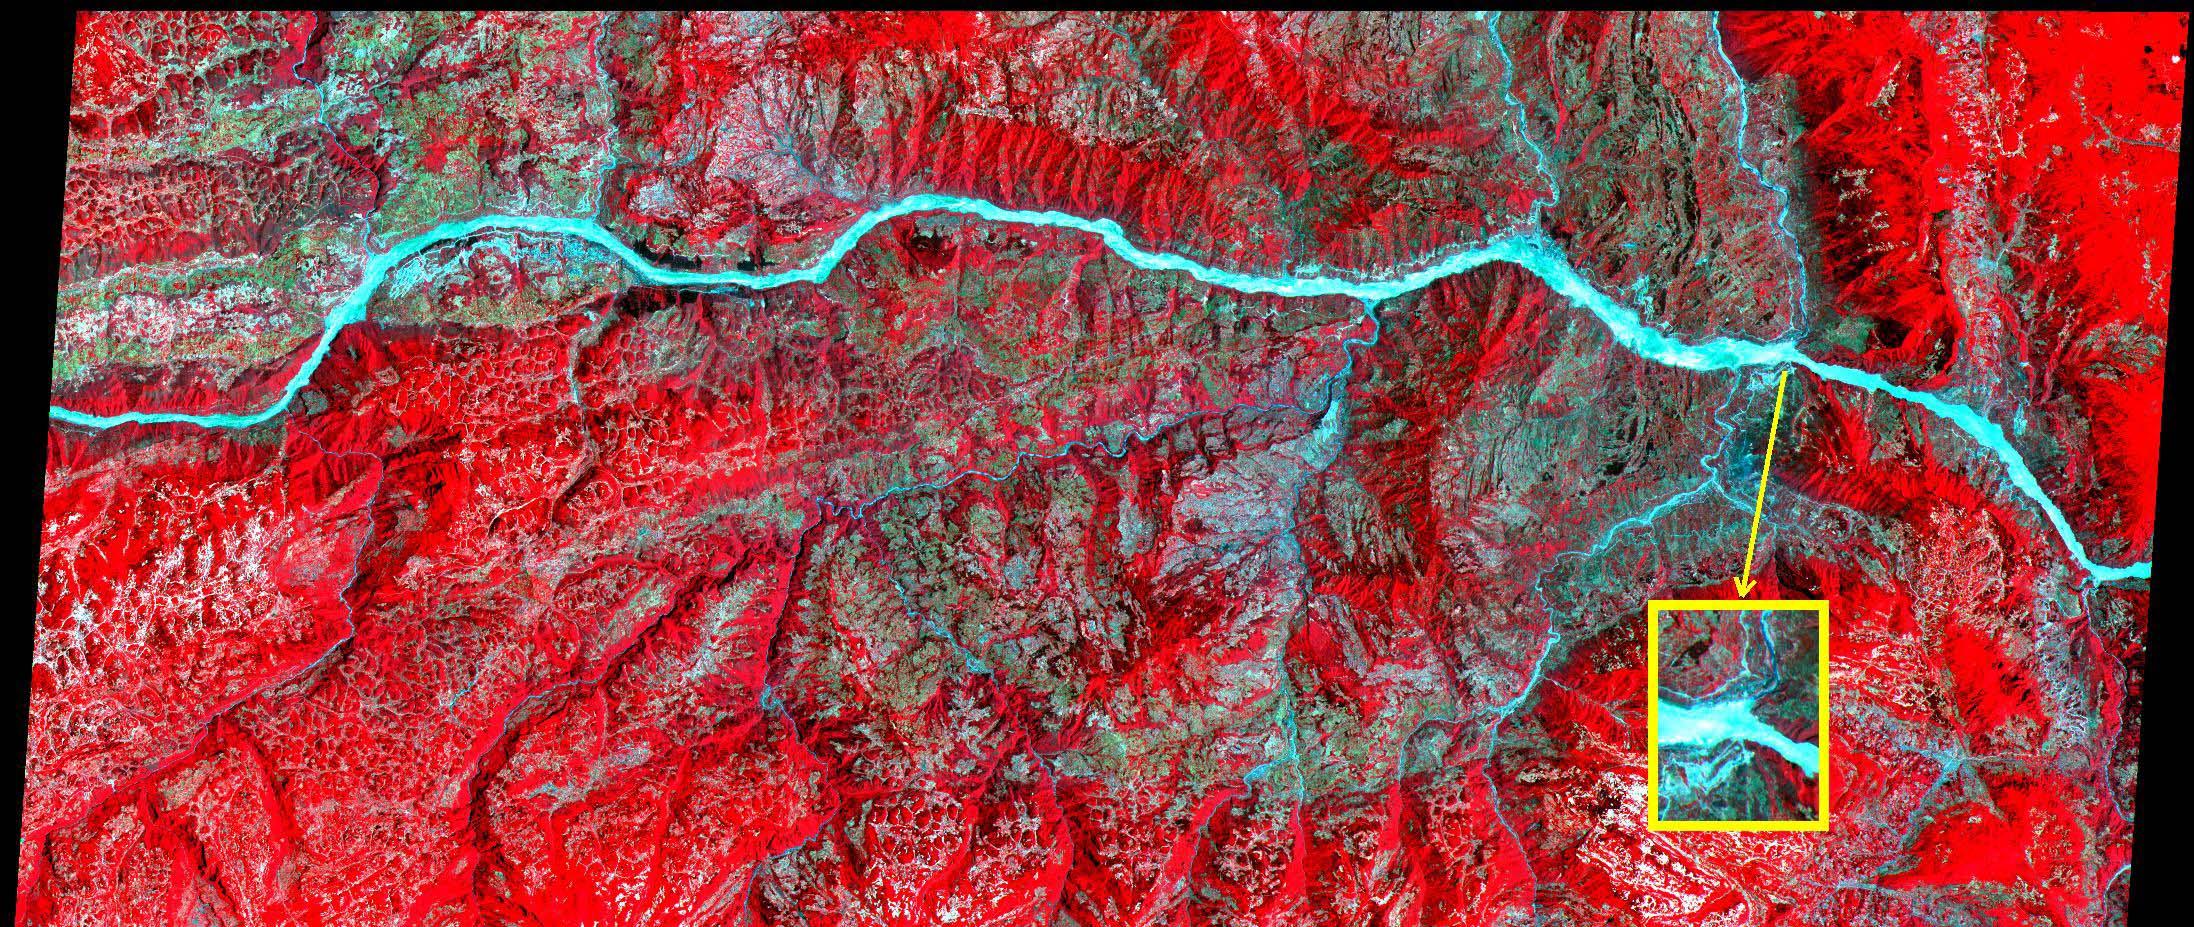 Río Yangtsé y la presa de las Tres Gargantas